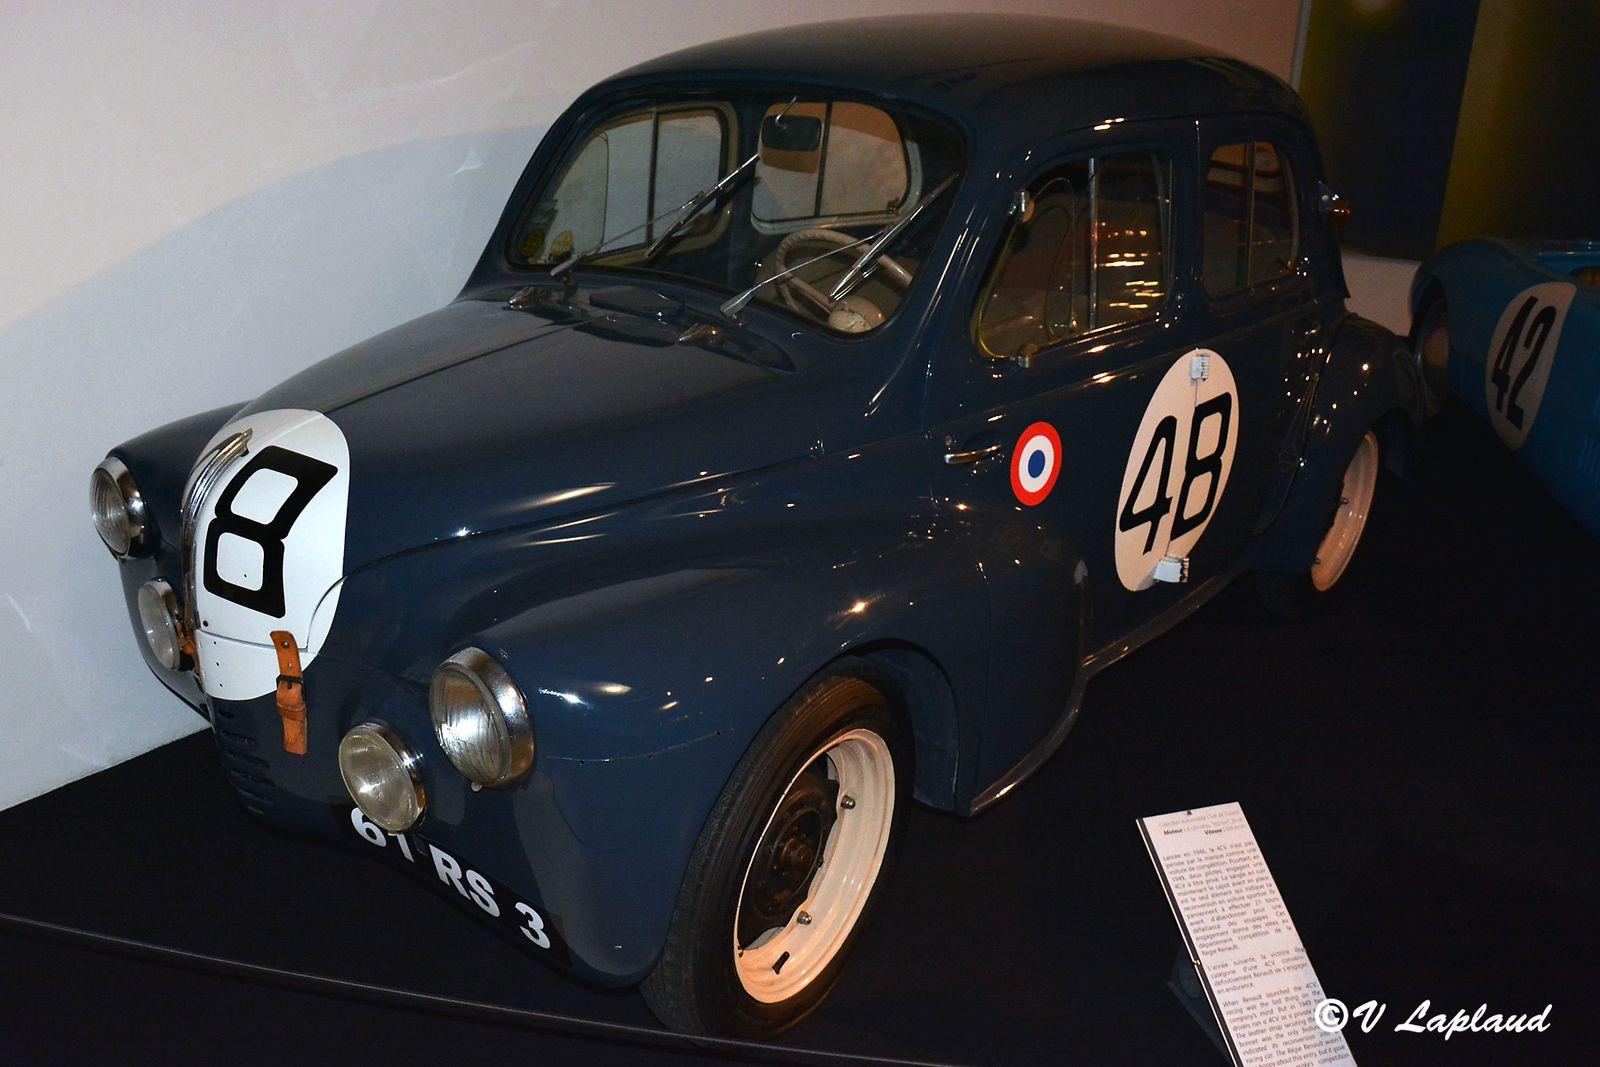 Renault 4CV Le Mans 1950, Jacques Lecat et Louis Pons, Musee du Mans 2020.